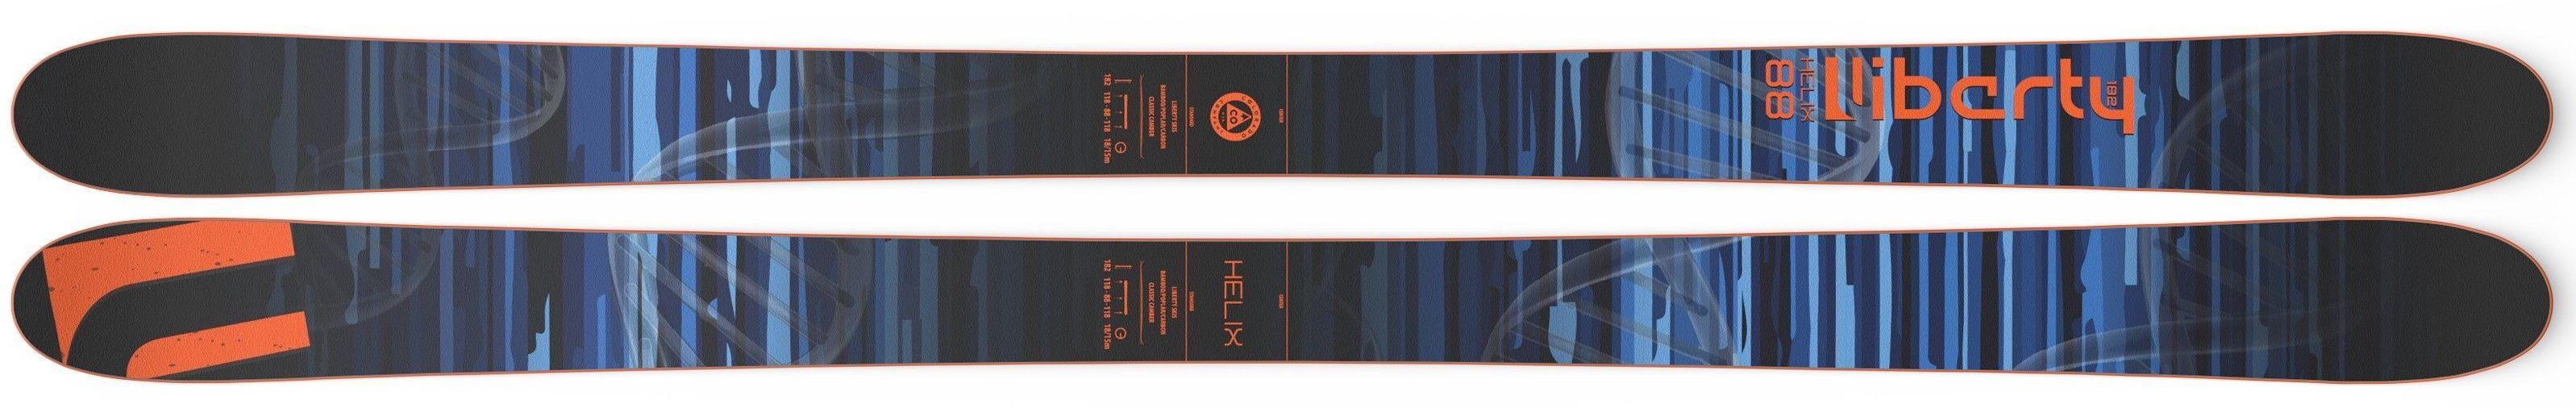 HELIX88